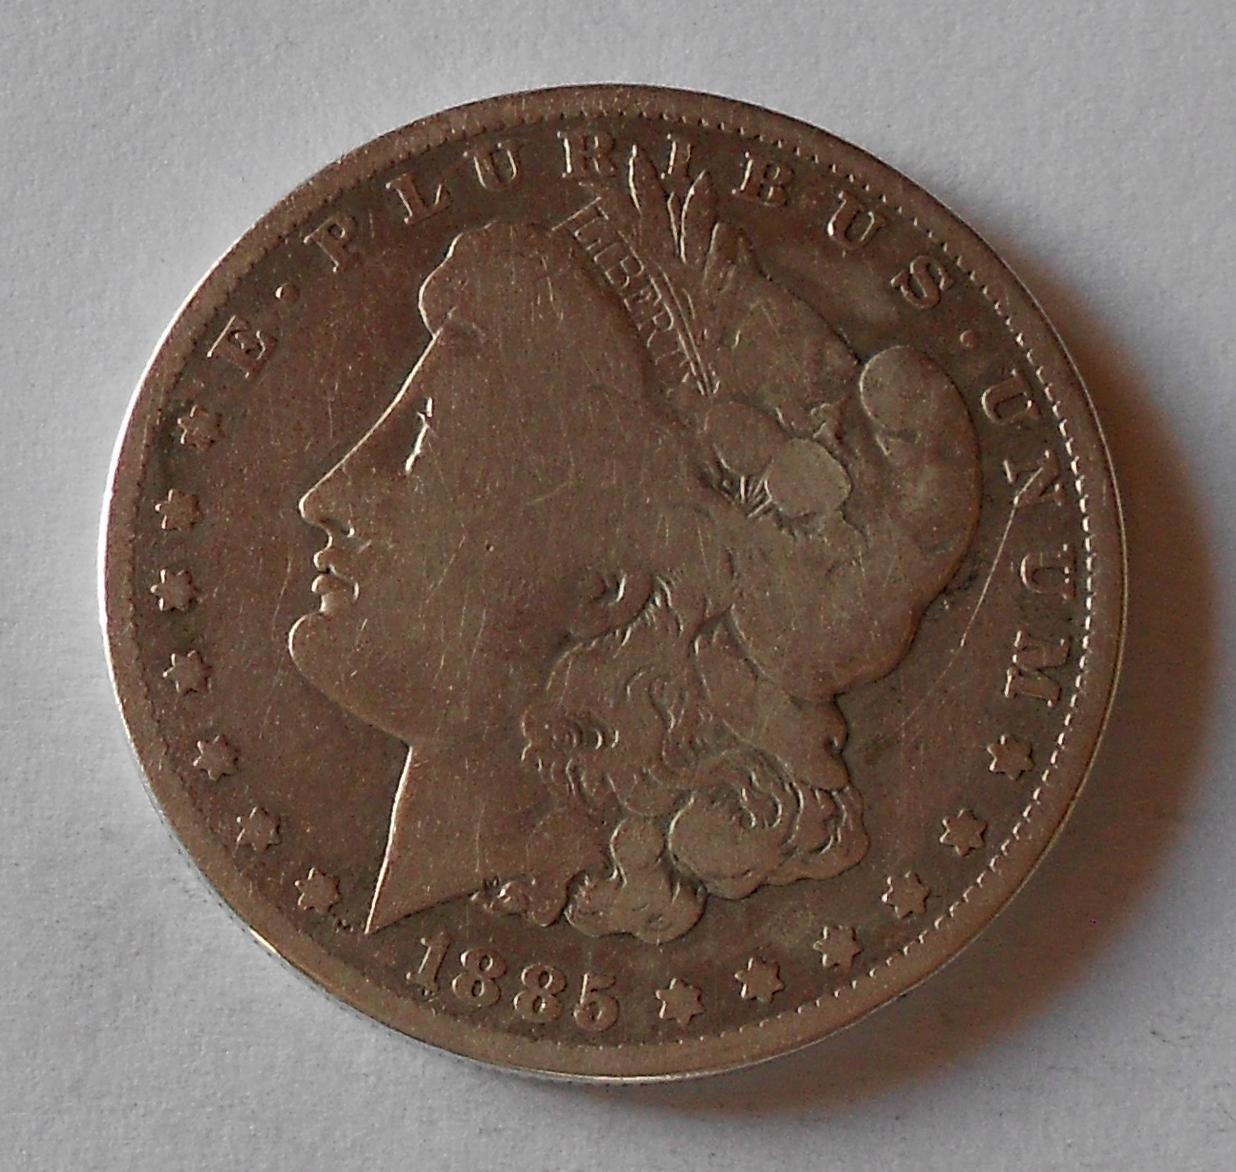 USA 1 Dolar 1885 O